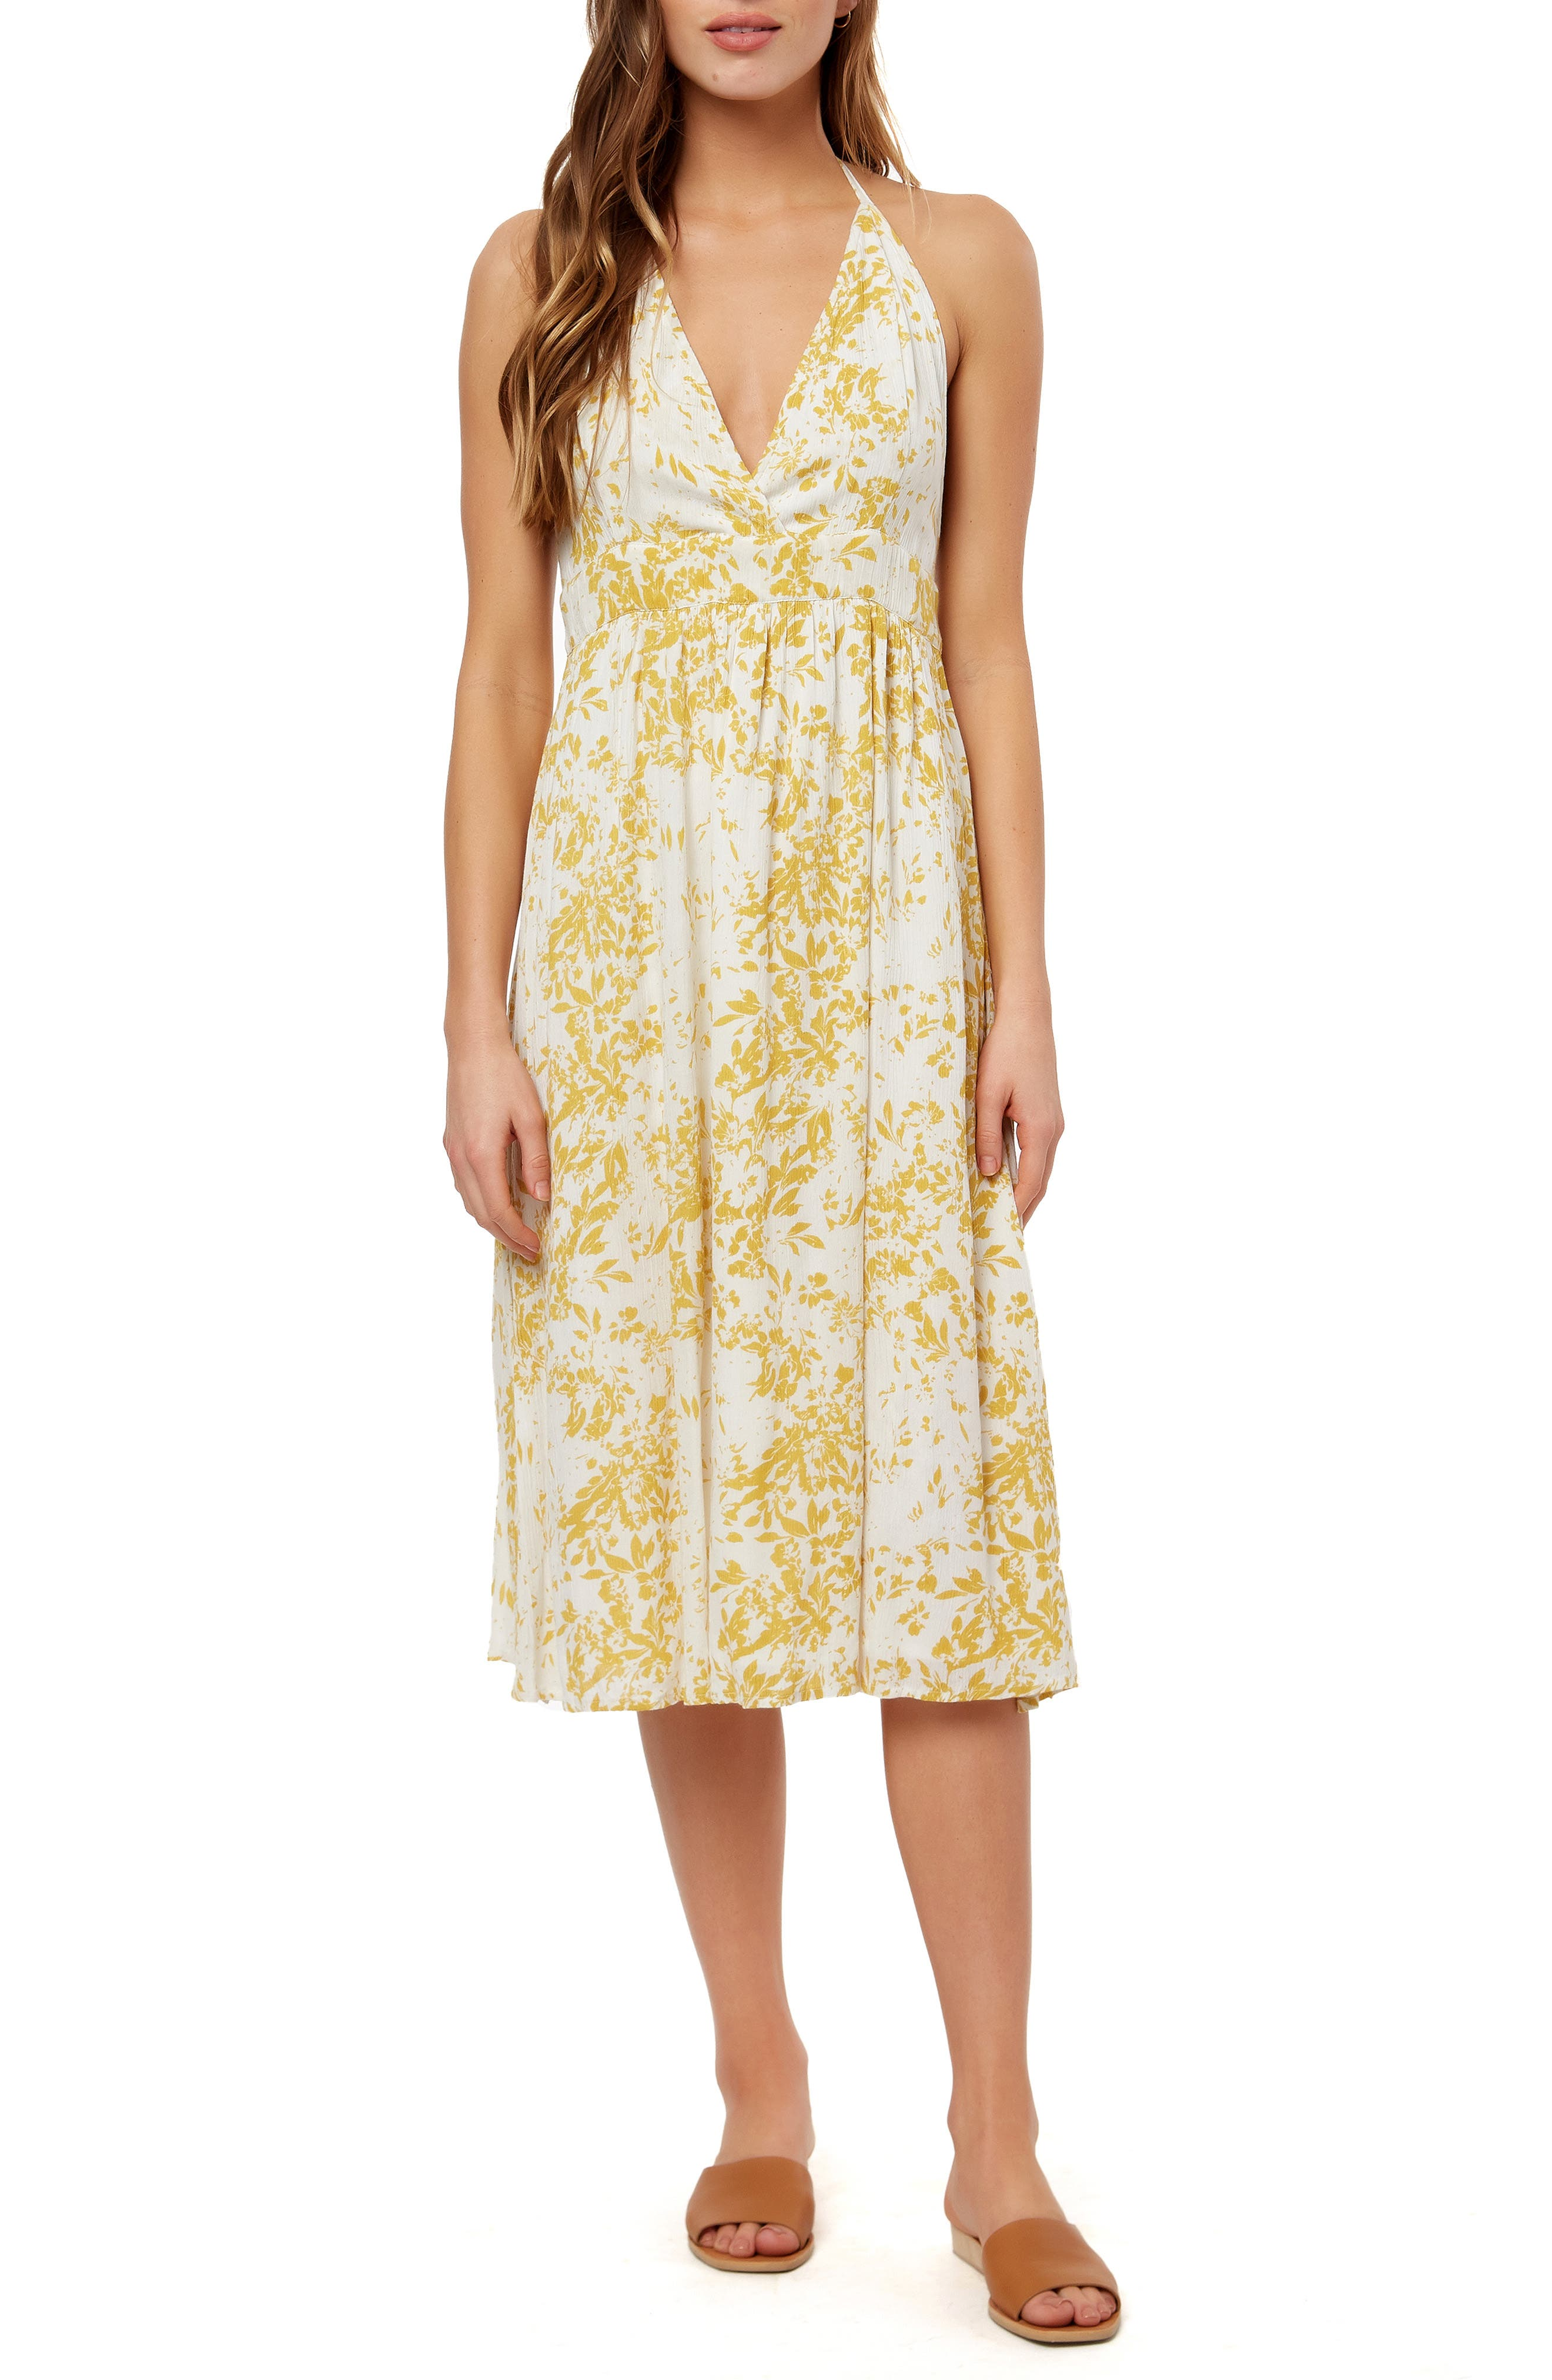 bd4e3530e69 O'Neill Andre Halter Neck Midi Dress, Ivory